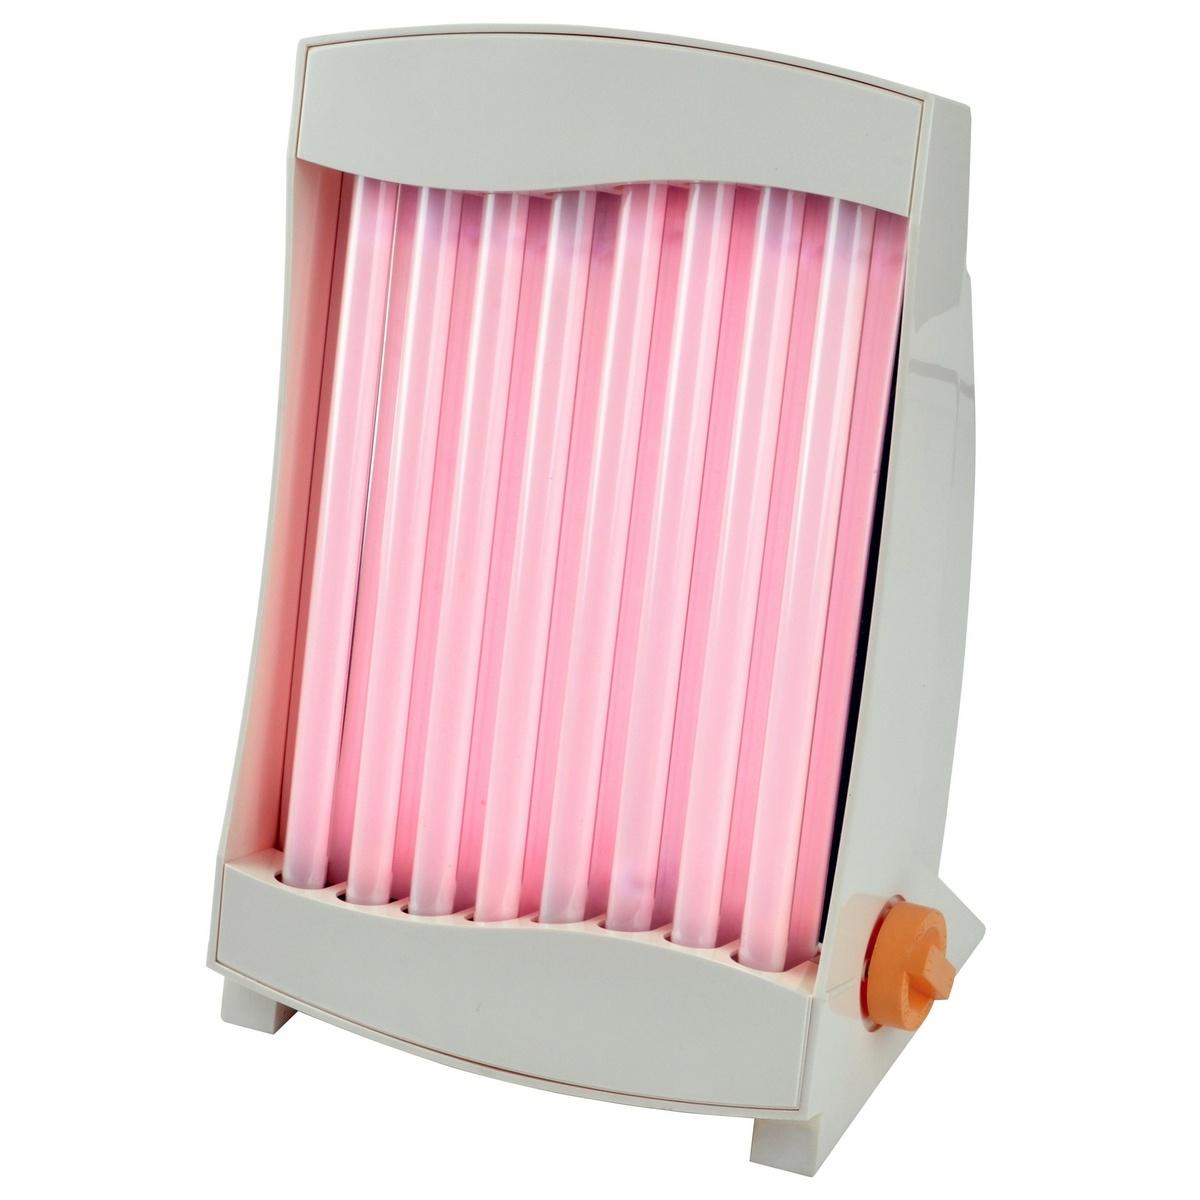 EFBE-SCHOTT GB 838 IR Obličejové solárium s8 barevnými UV + IR-trubicemi PHILIPS, 15O W